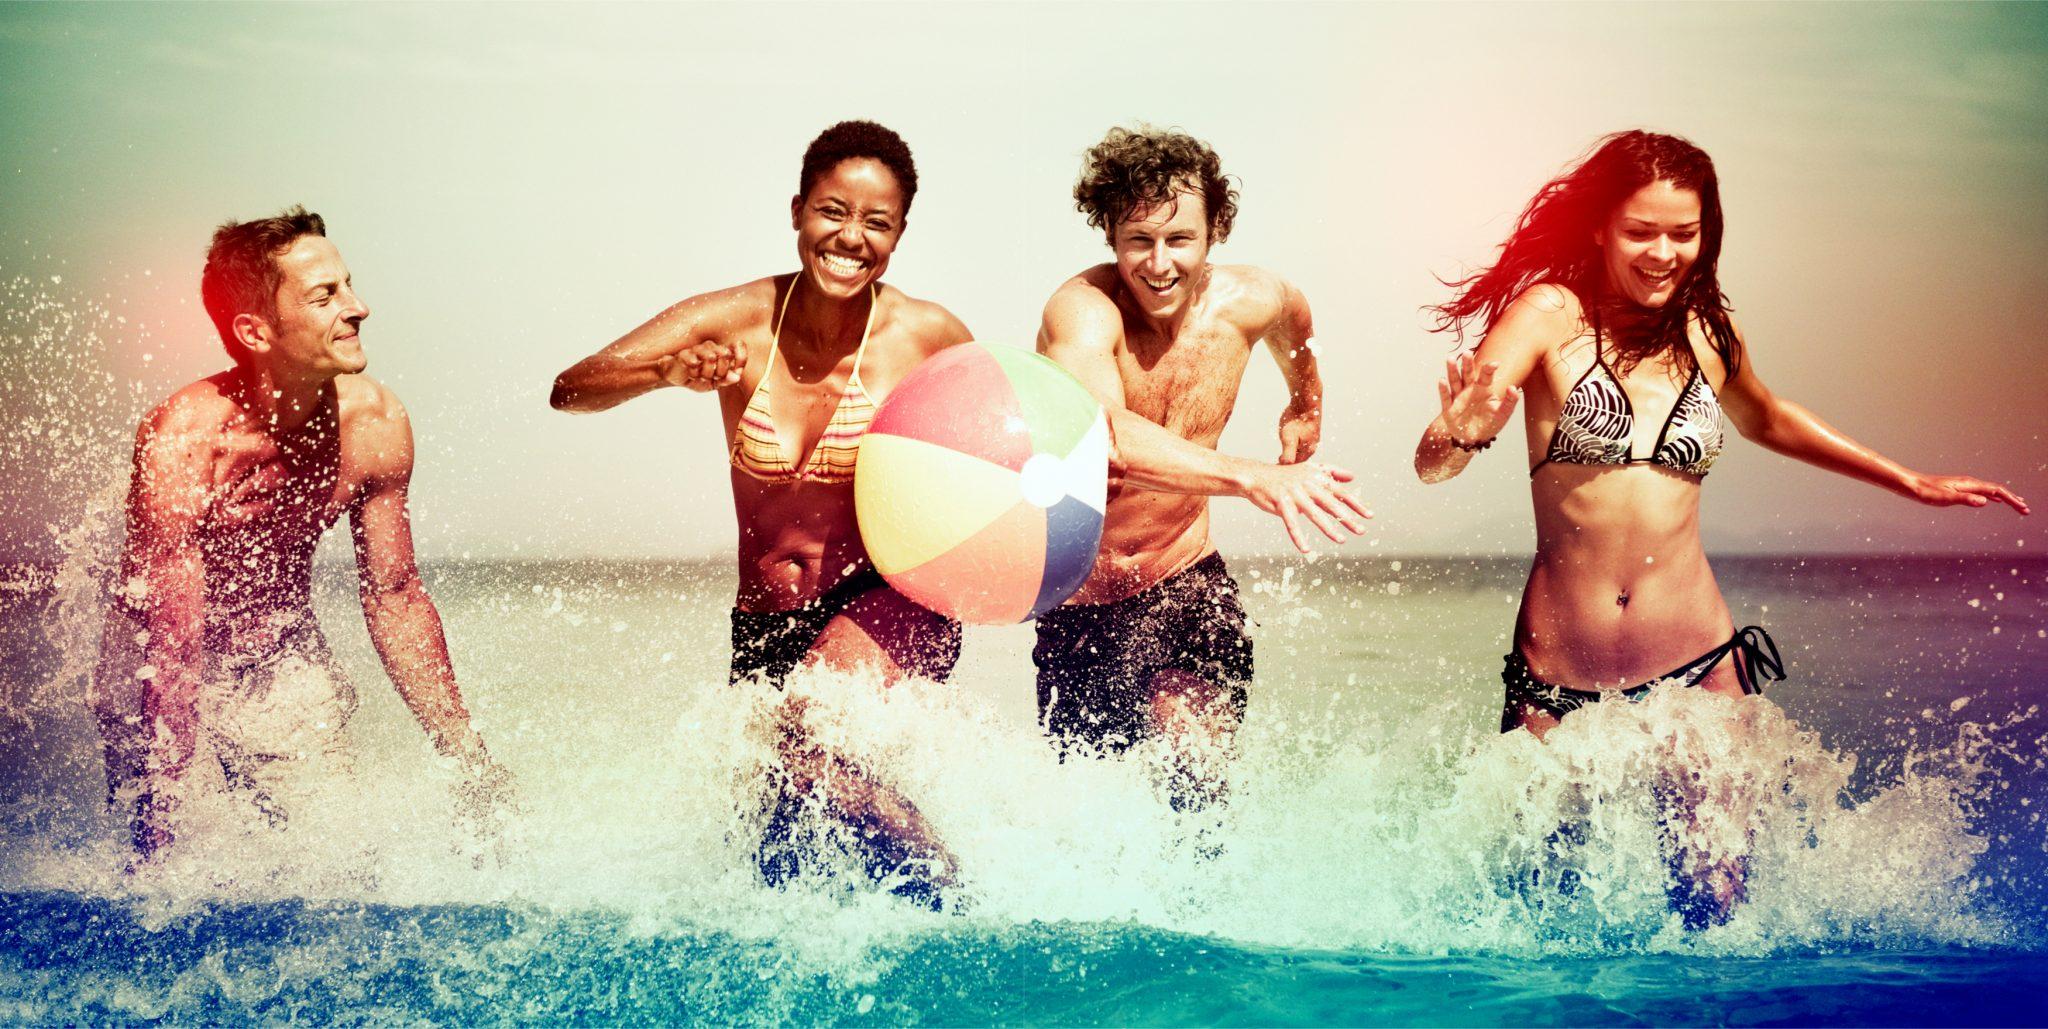 夏に海で遊んでいる4人の若者